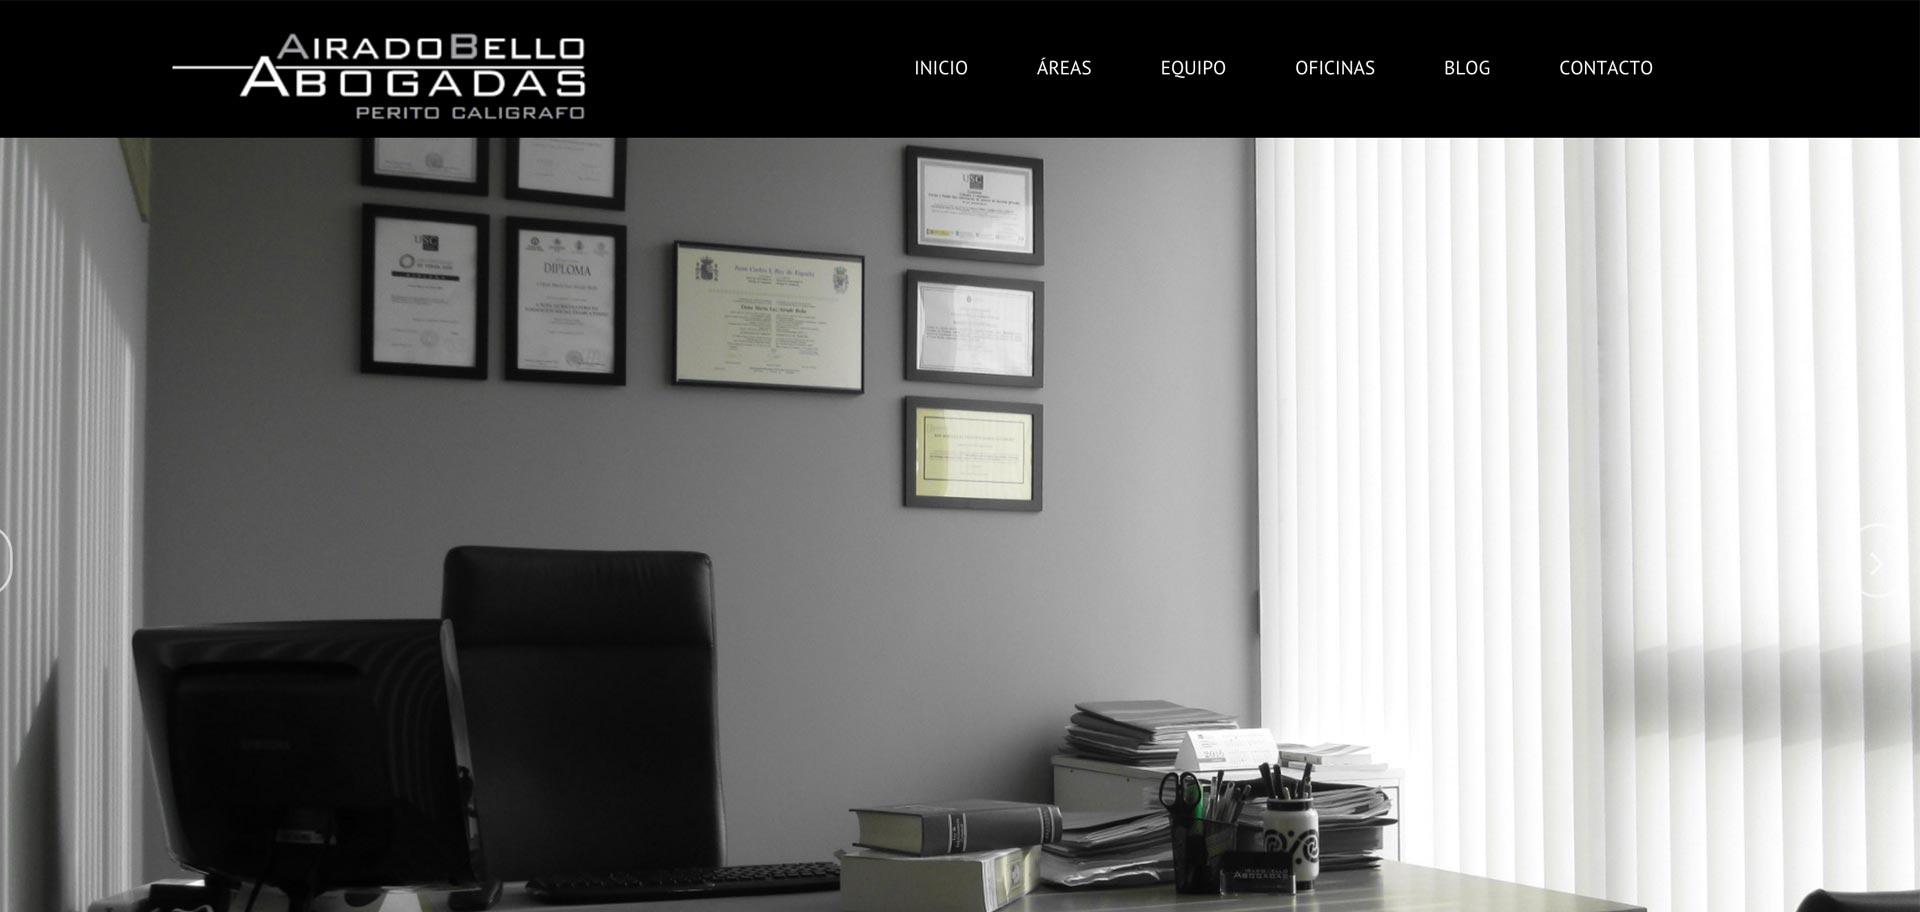 web corporativa de airado bello abogadas diseñada por xeral.net